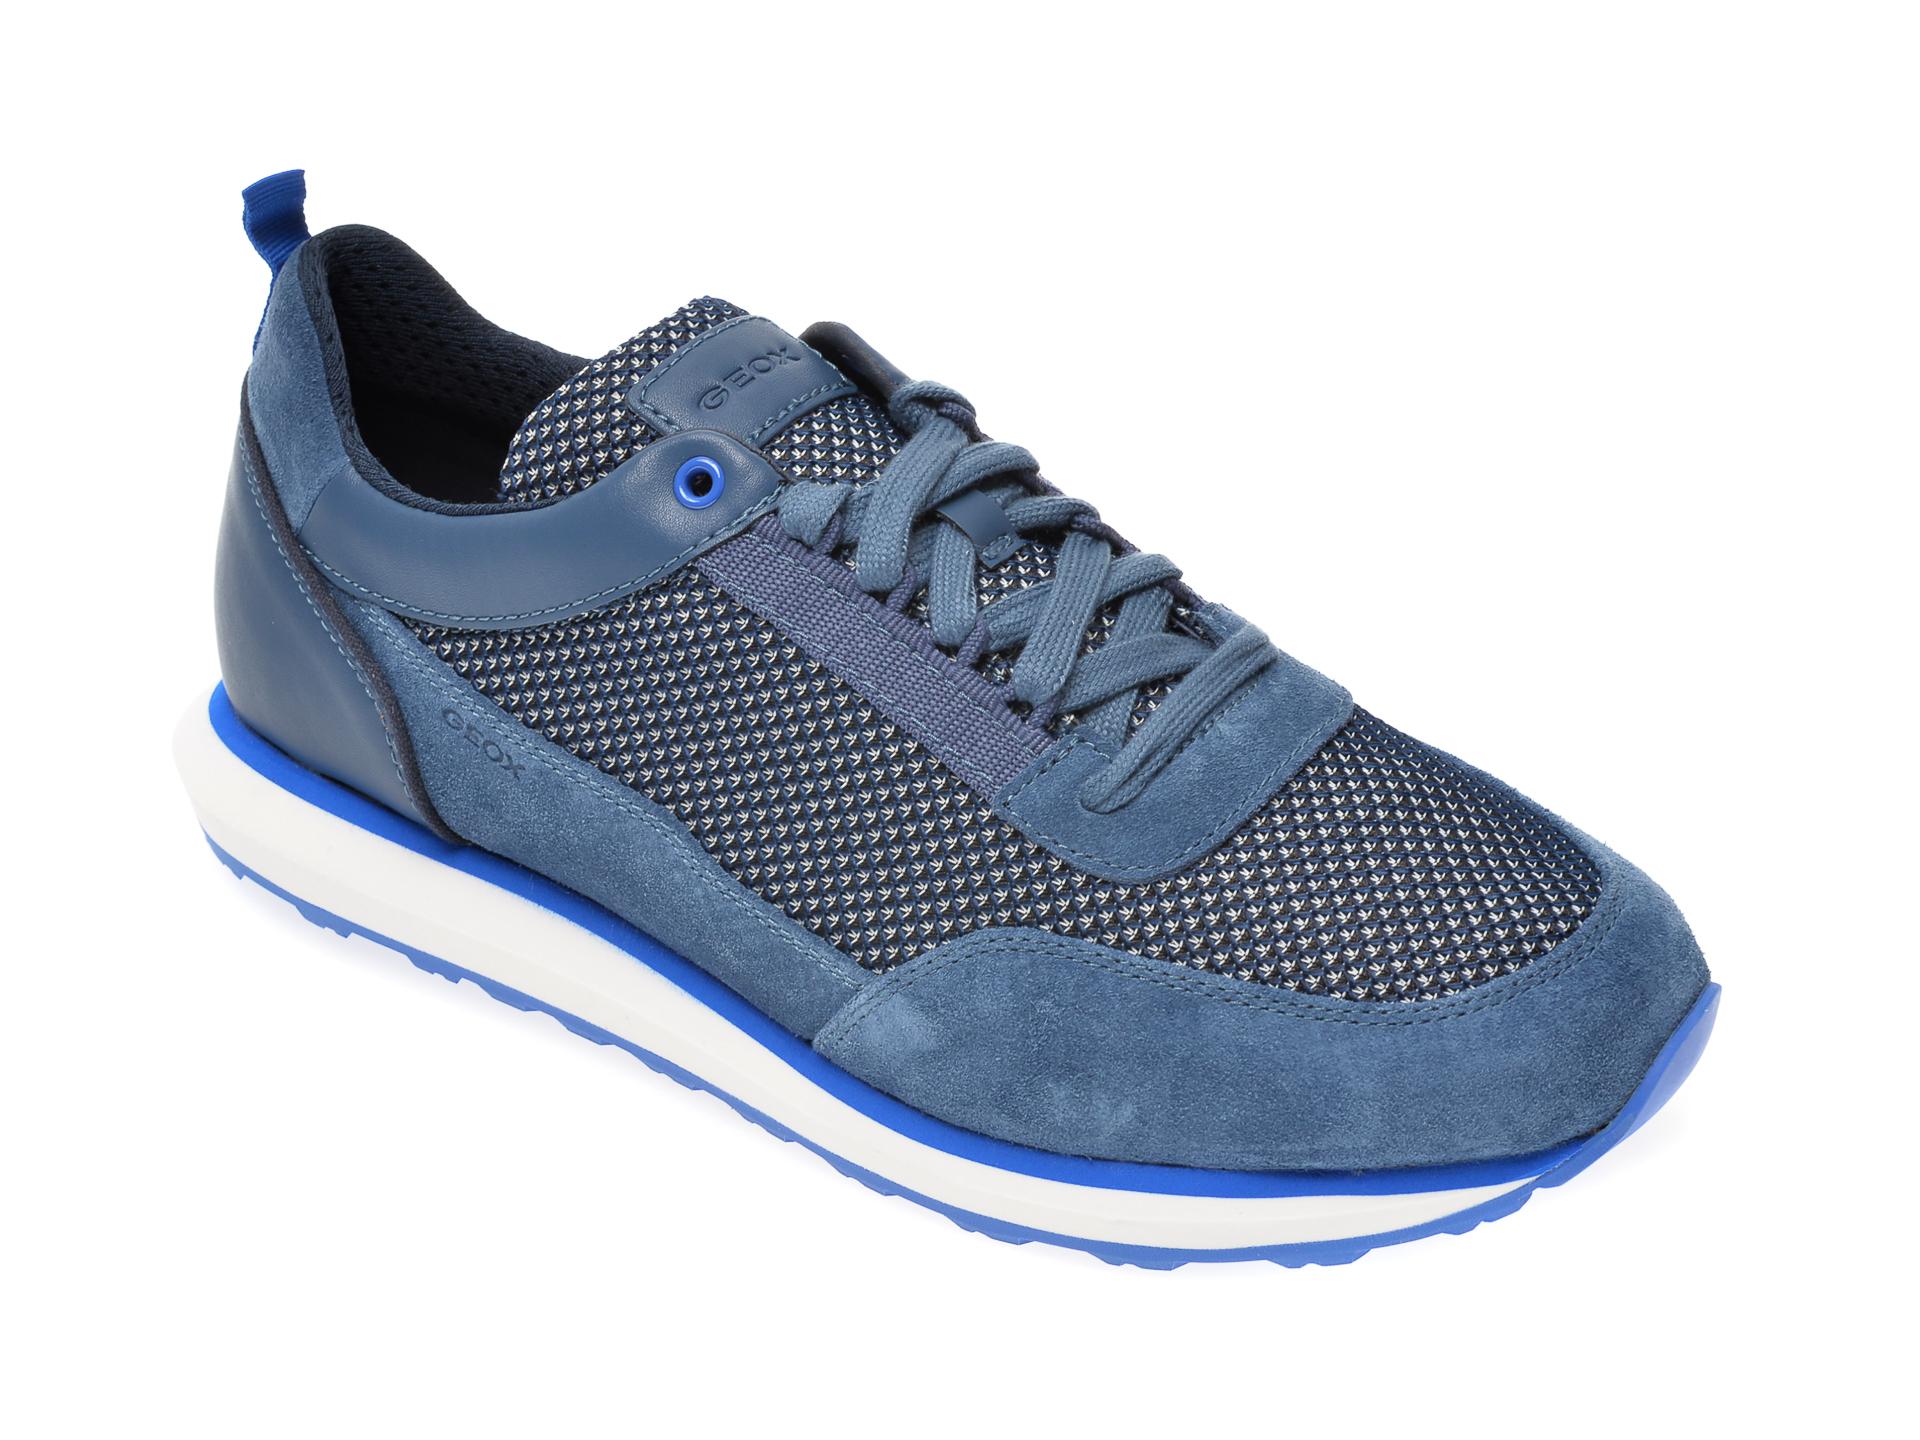 Pantofi sport GEOX albastri, U029WC, din material textil si piele naturala New